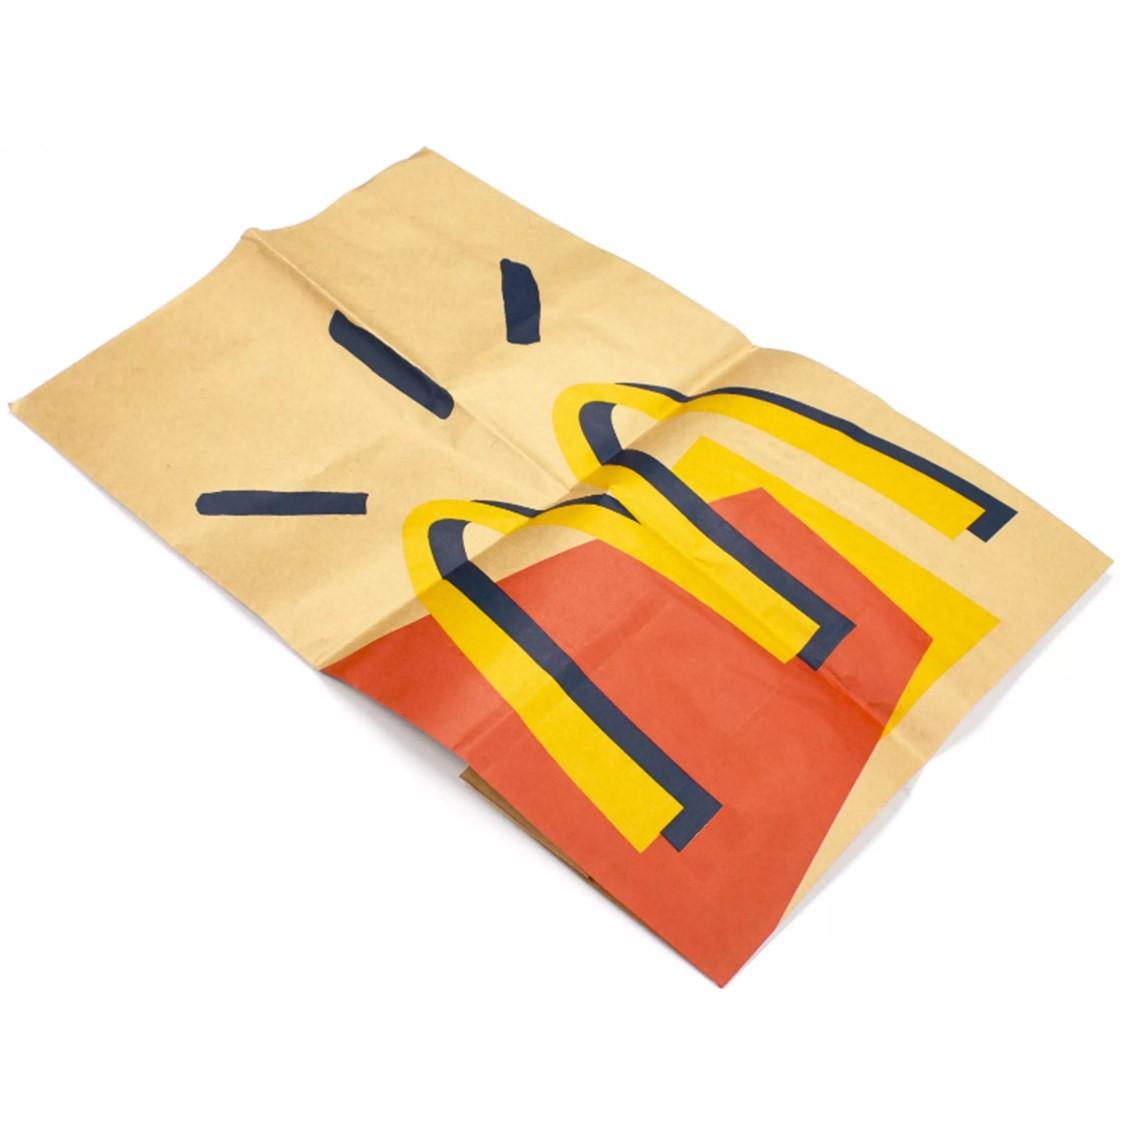 Saco de Papel Travis Scott x McDonald's